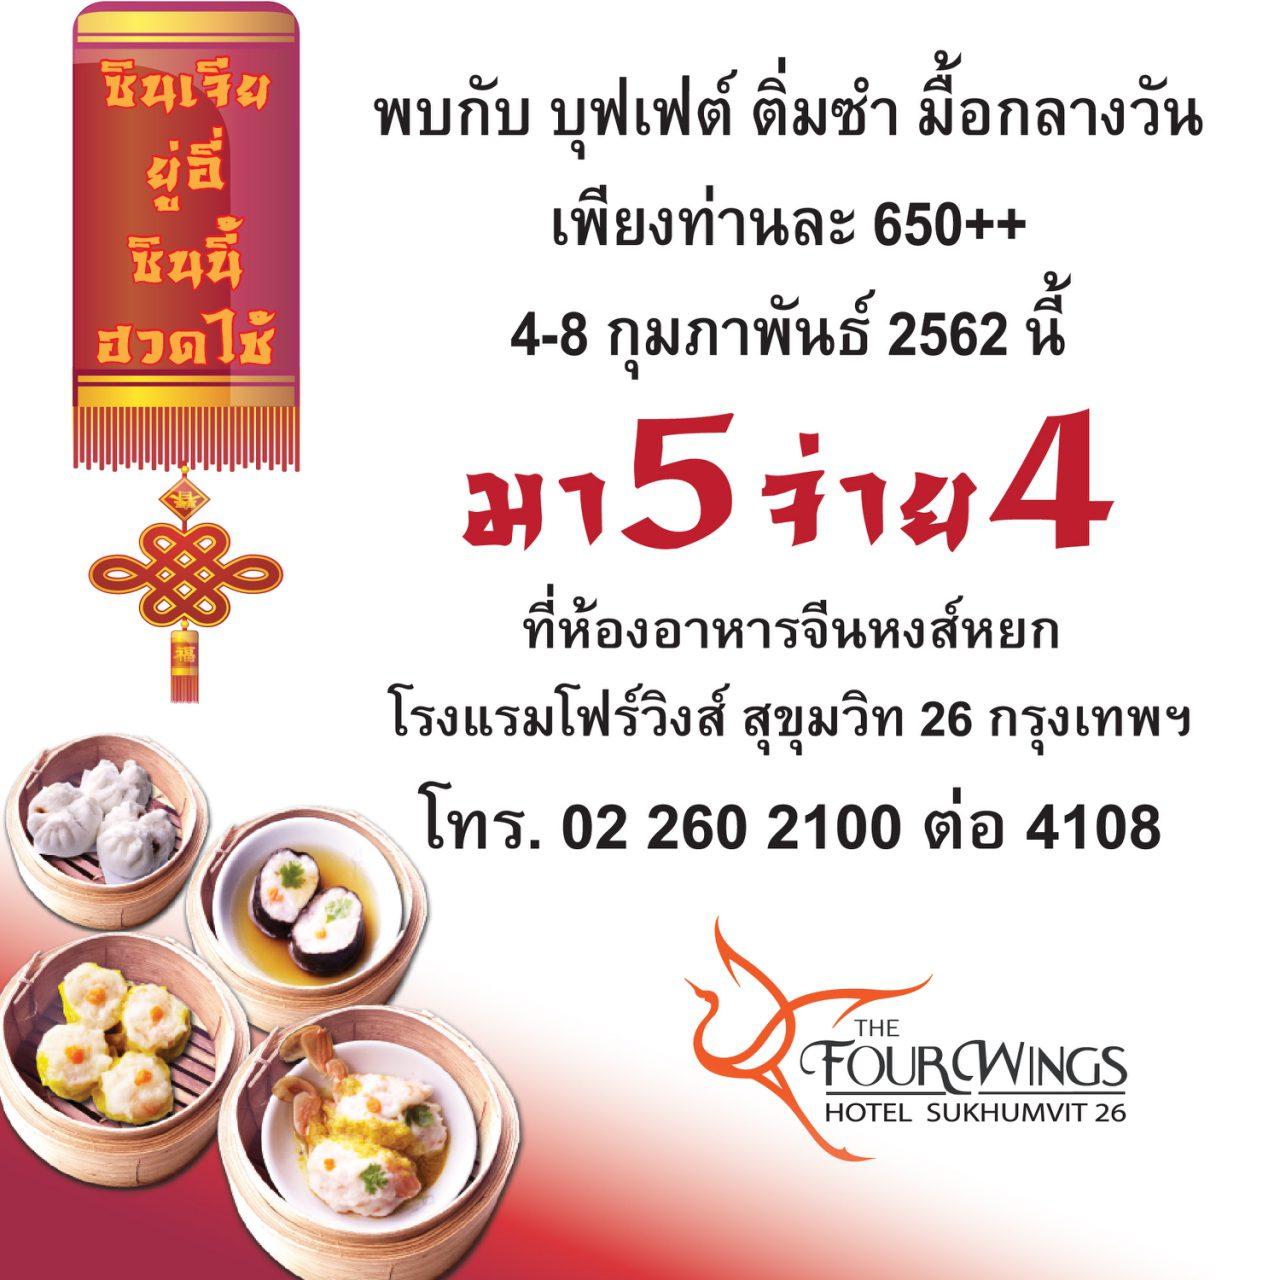 ฉลองเทศกาลตรุษจีน  มา 5 จ่าย 4 บุฟเฟ่ต์ติ่มซำ 4-8 กุมภาพันธ์ 2562 ณ โรงแรมโฟร์วิงส์